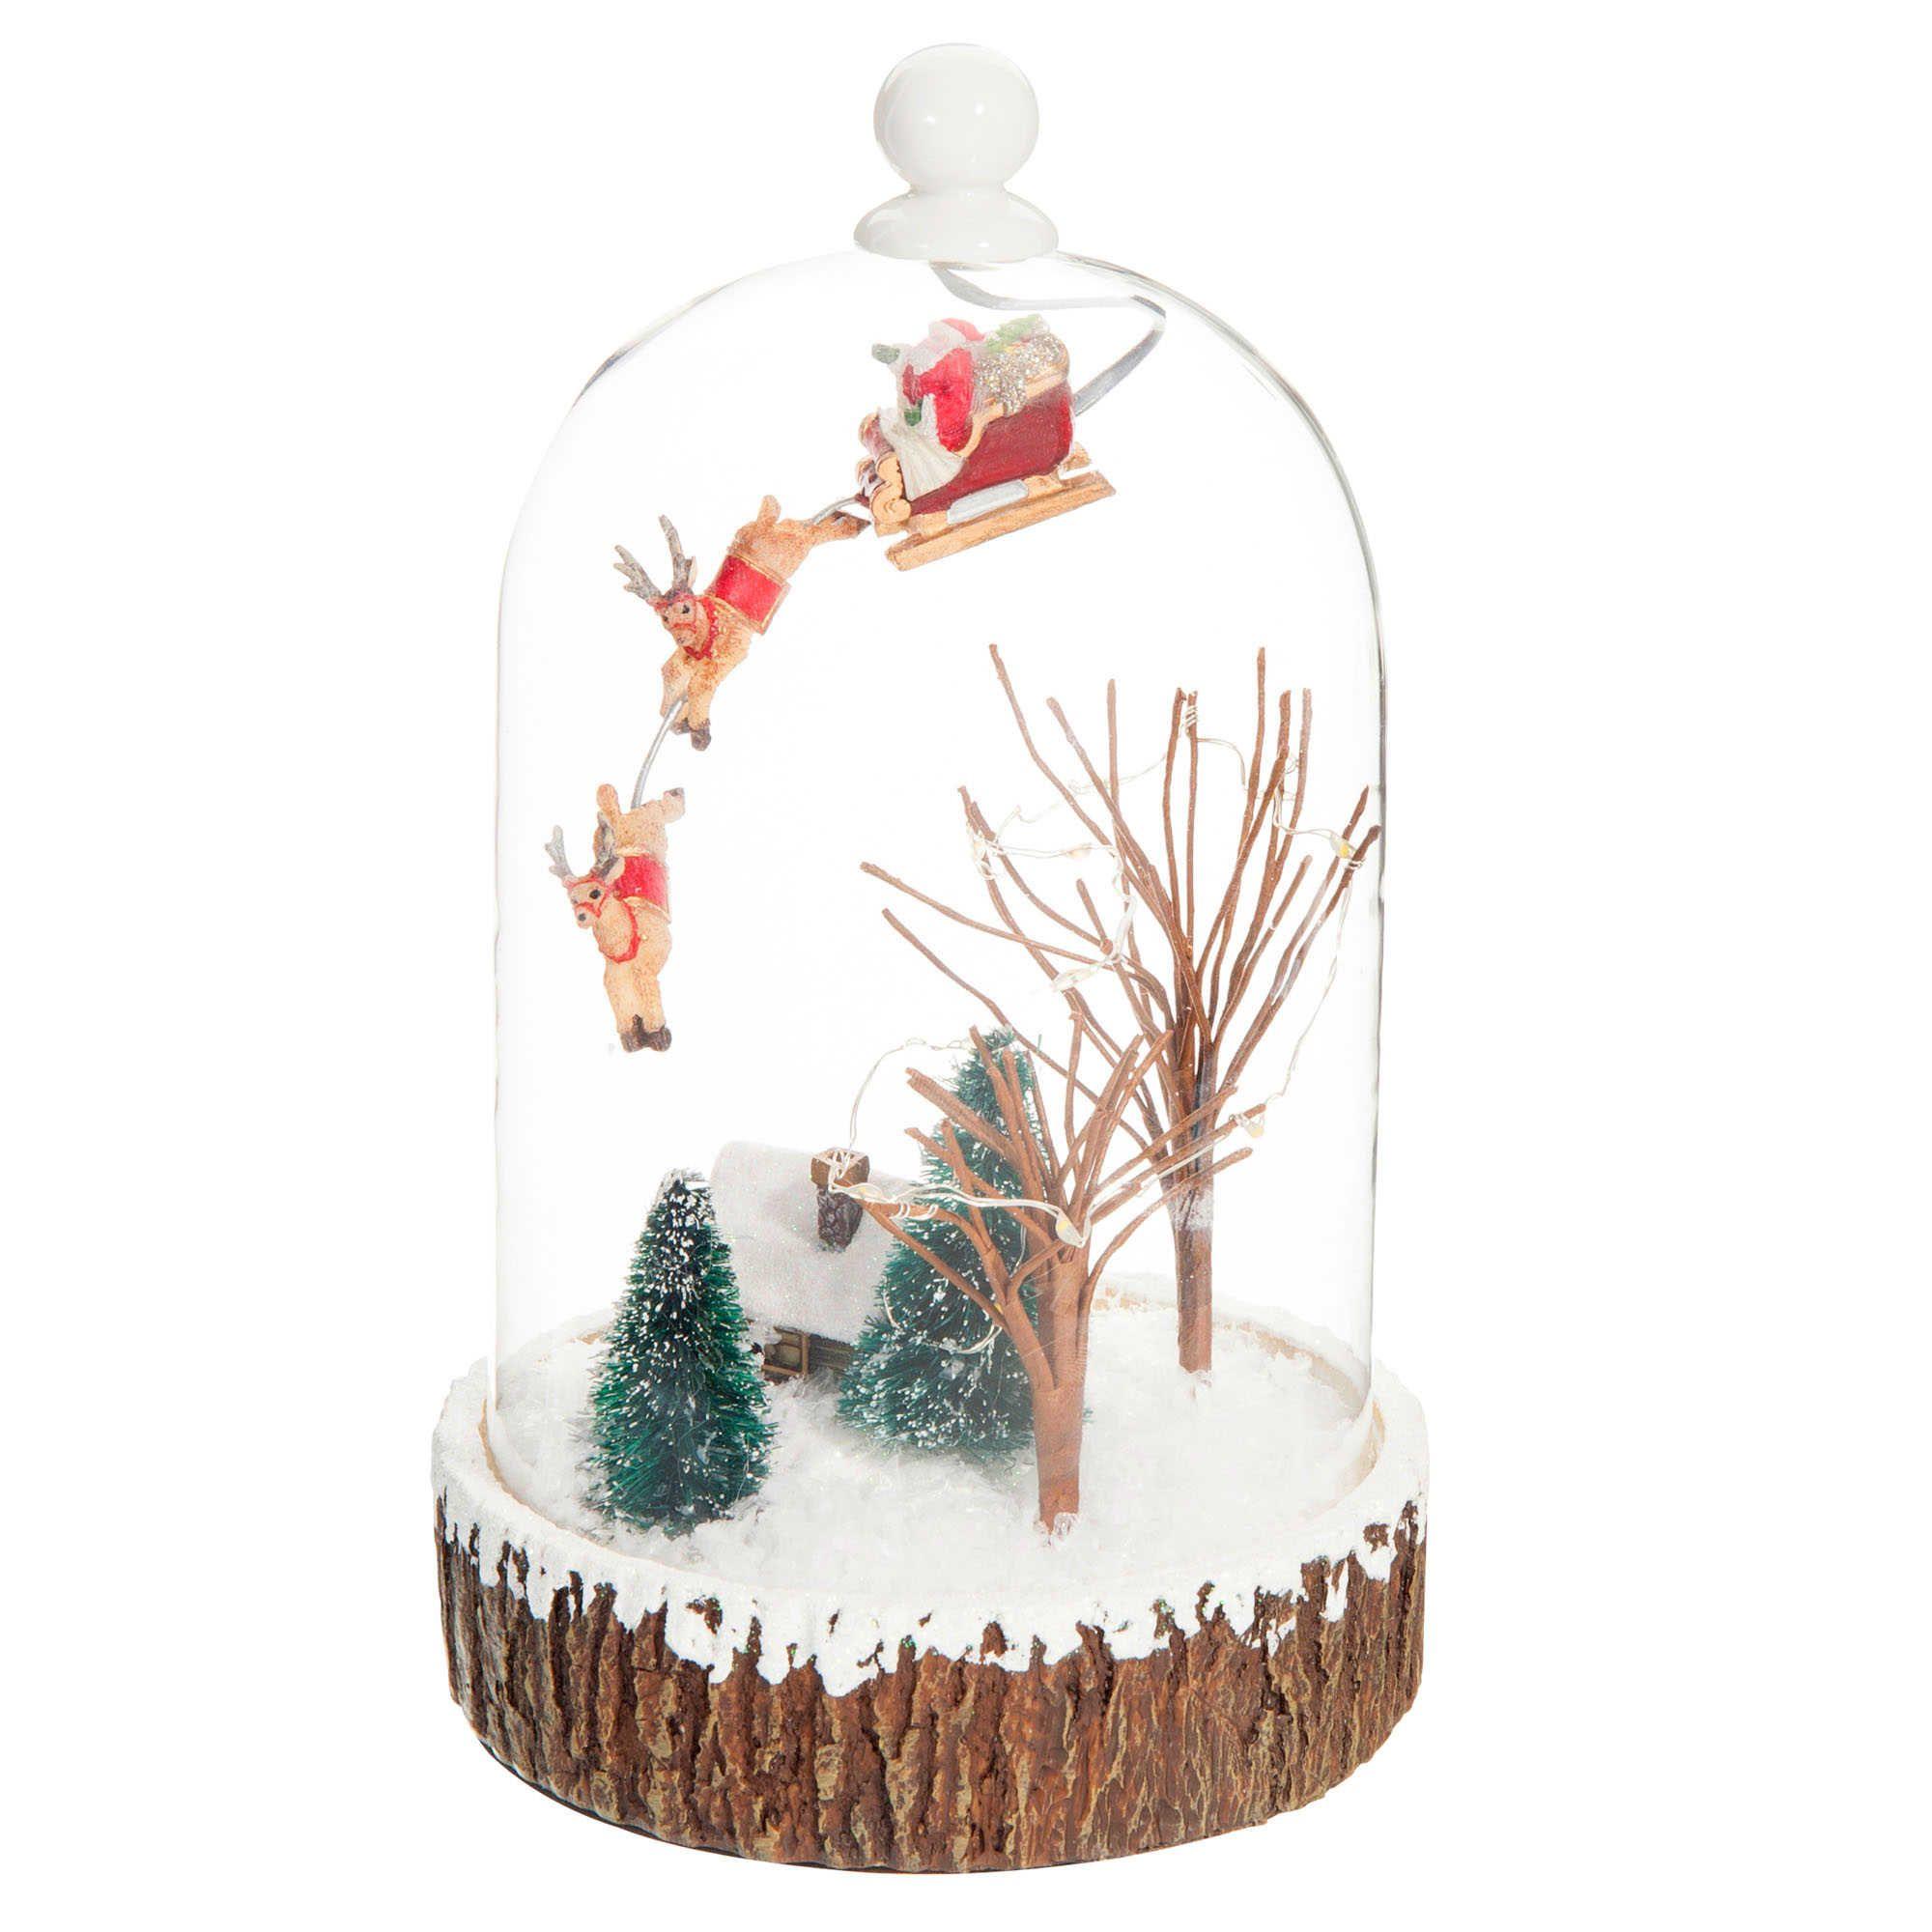 Globe Lumineux En Verre H Cm VILLAGE Christmas Pinterest - Canapé convertible scandinave pour noël decoration murale